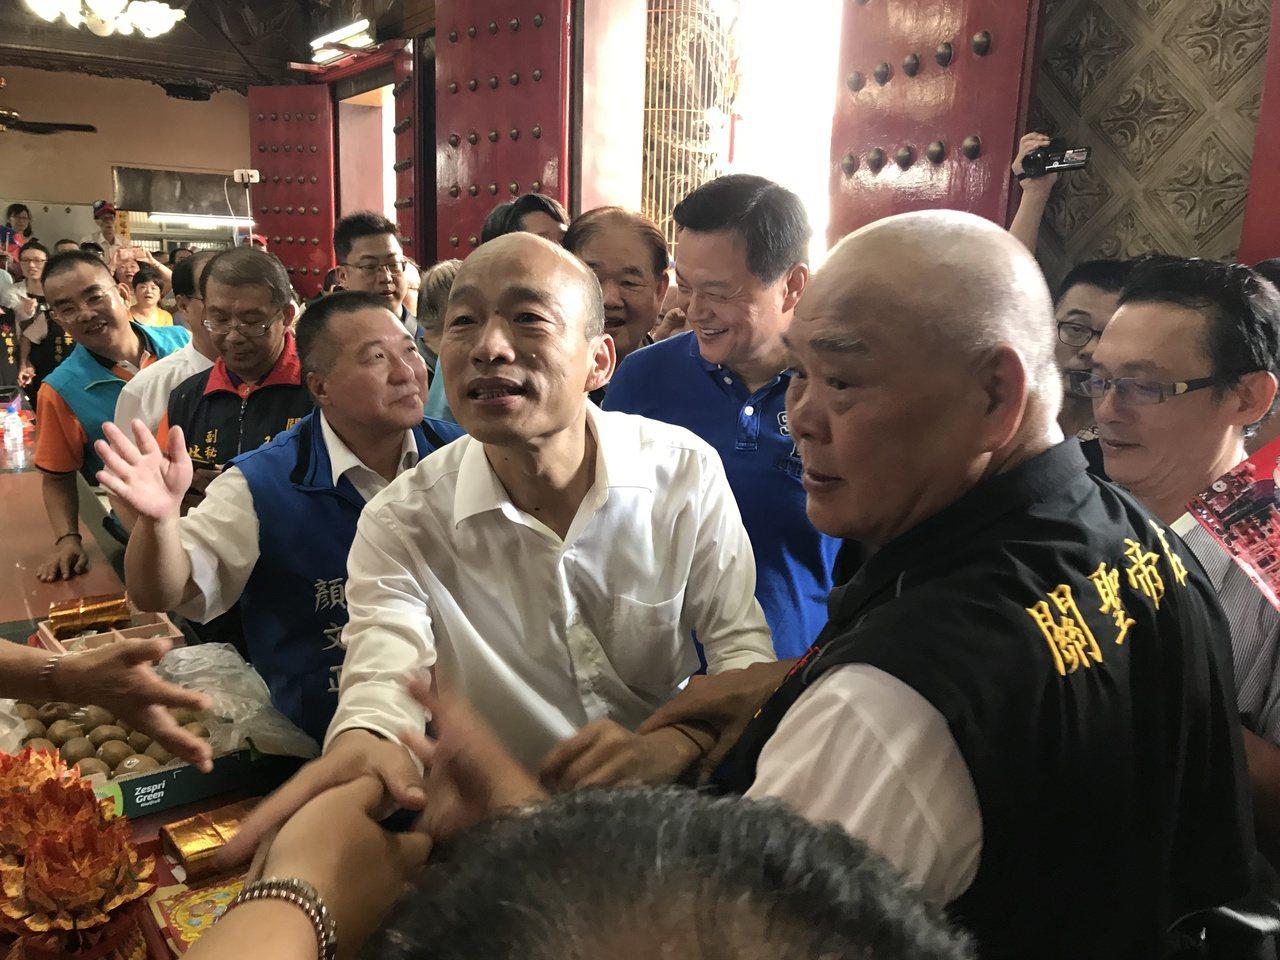 國民黨總統參選人韓國瑜參拜南區醒修宮,700多名韓粉熱情歡迎。記者林佩均/攝影